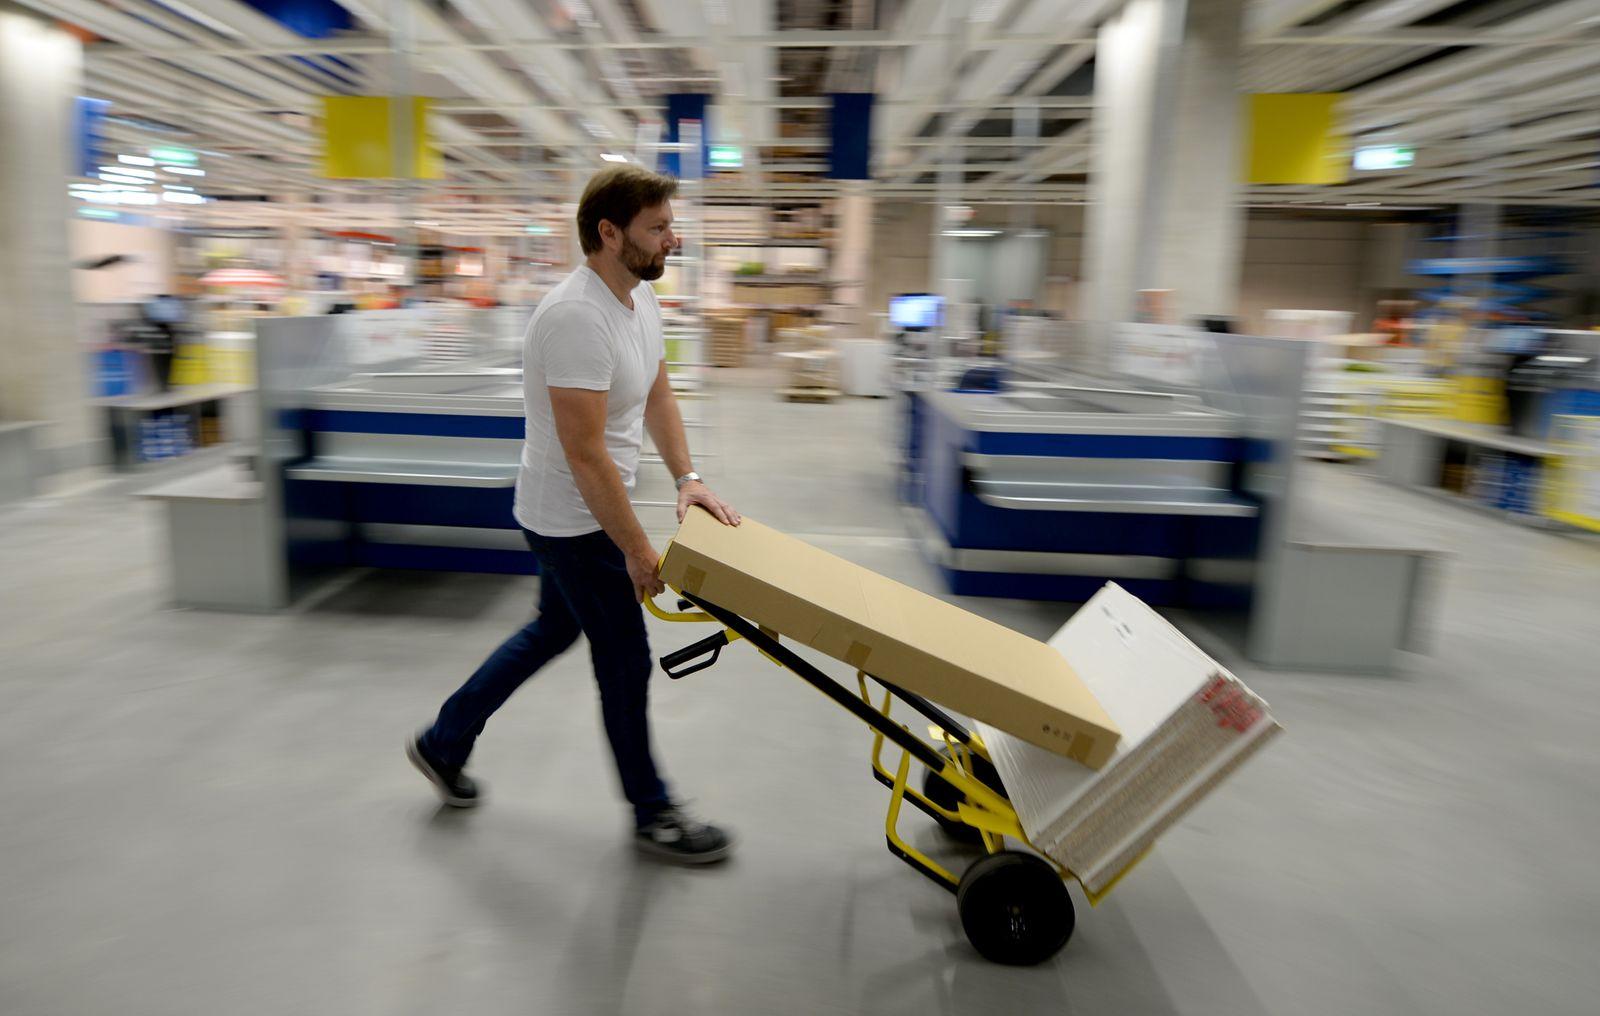 Umtauschparadies Deutschland:Händler werden immer großzügiger